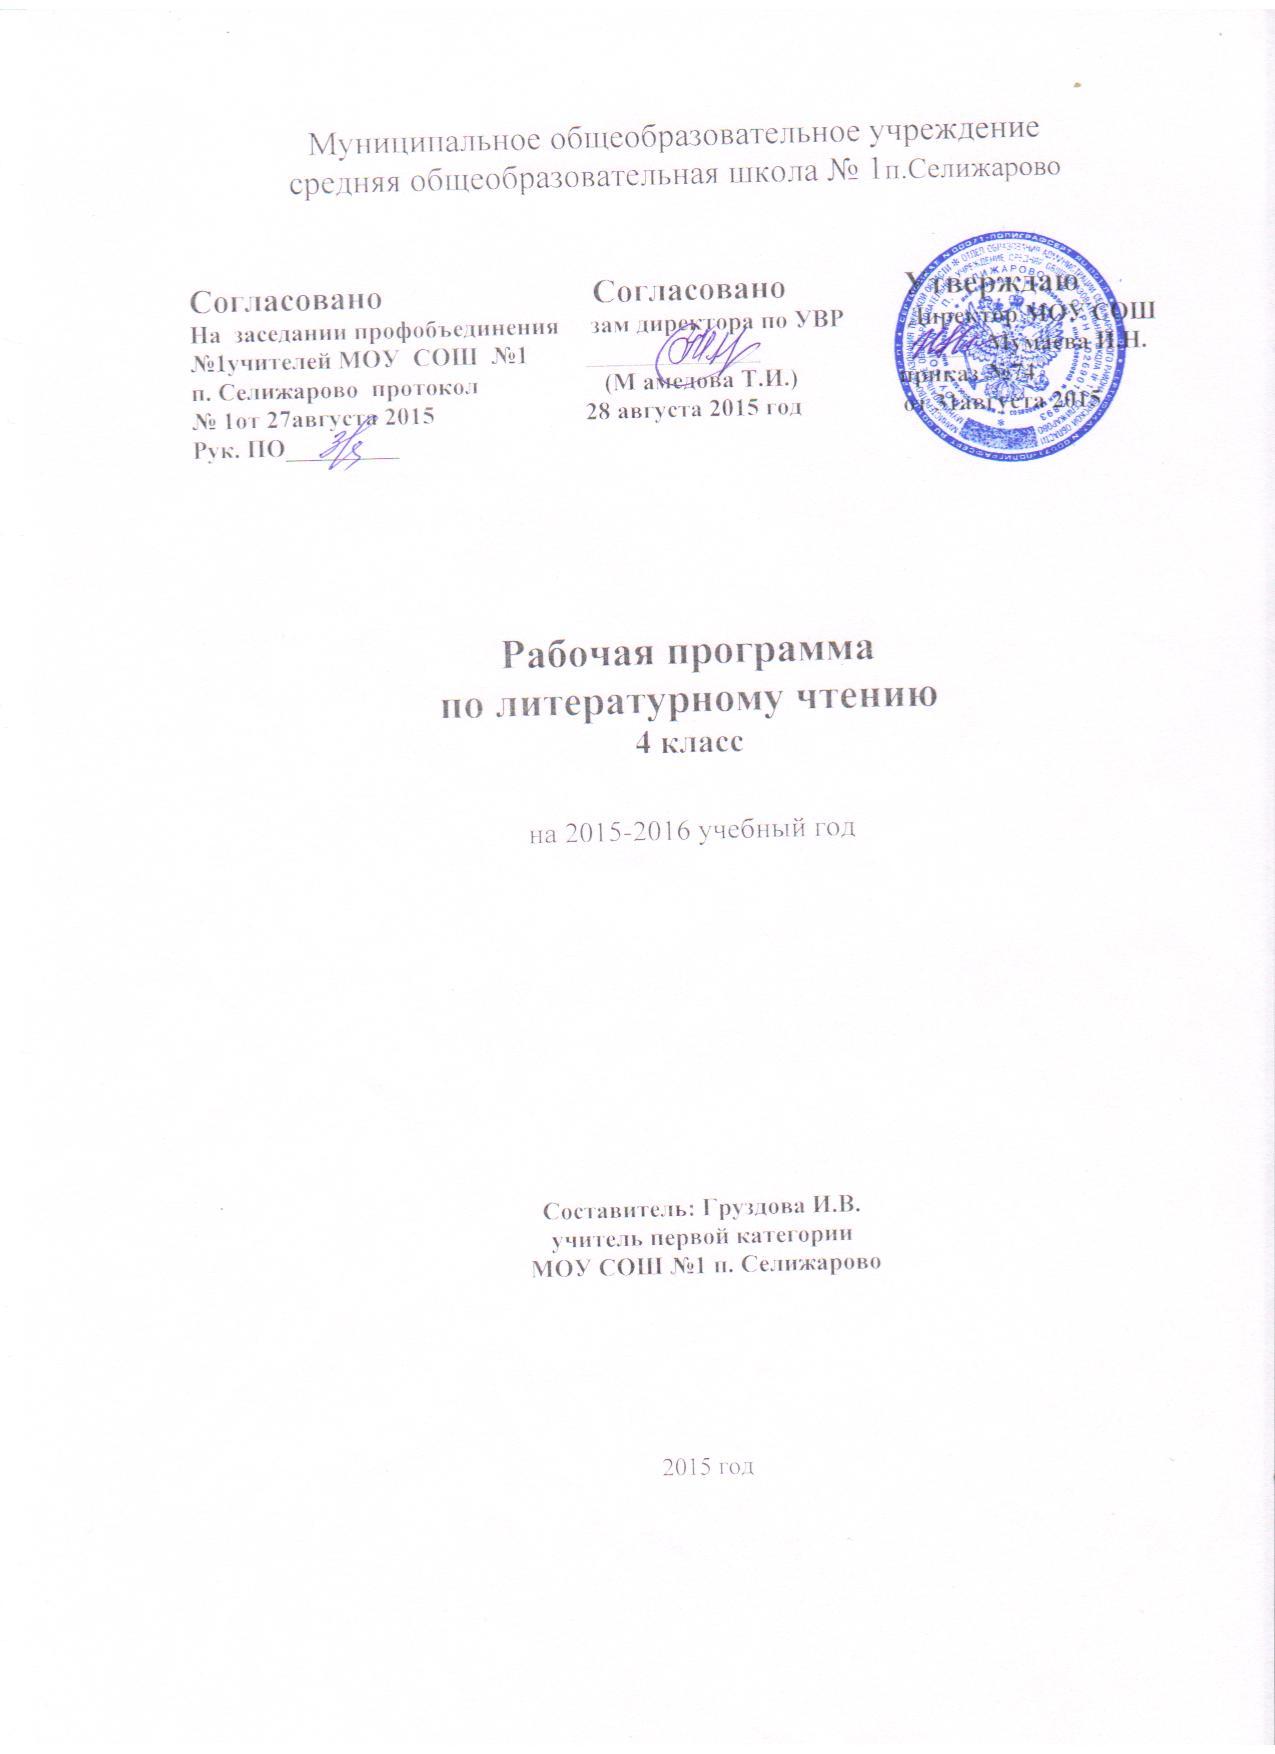 Конспект урока по русскому языку 4 класс пнш учимся делать научное сообщение